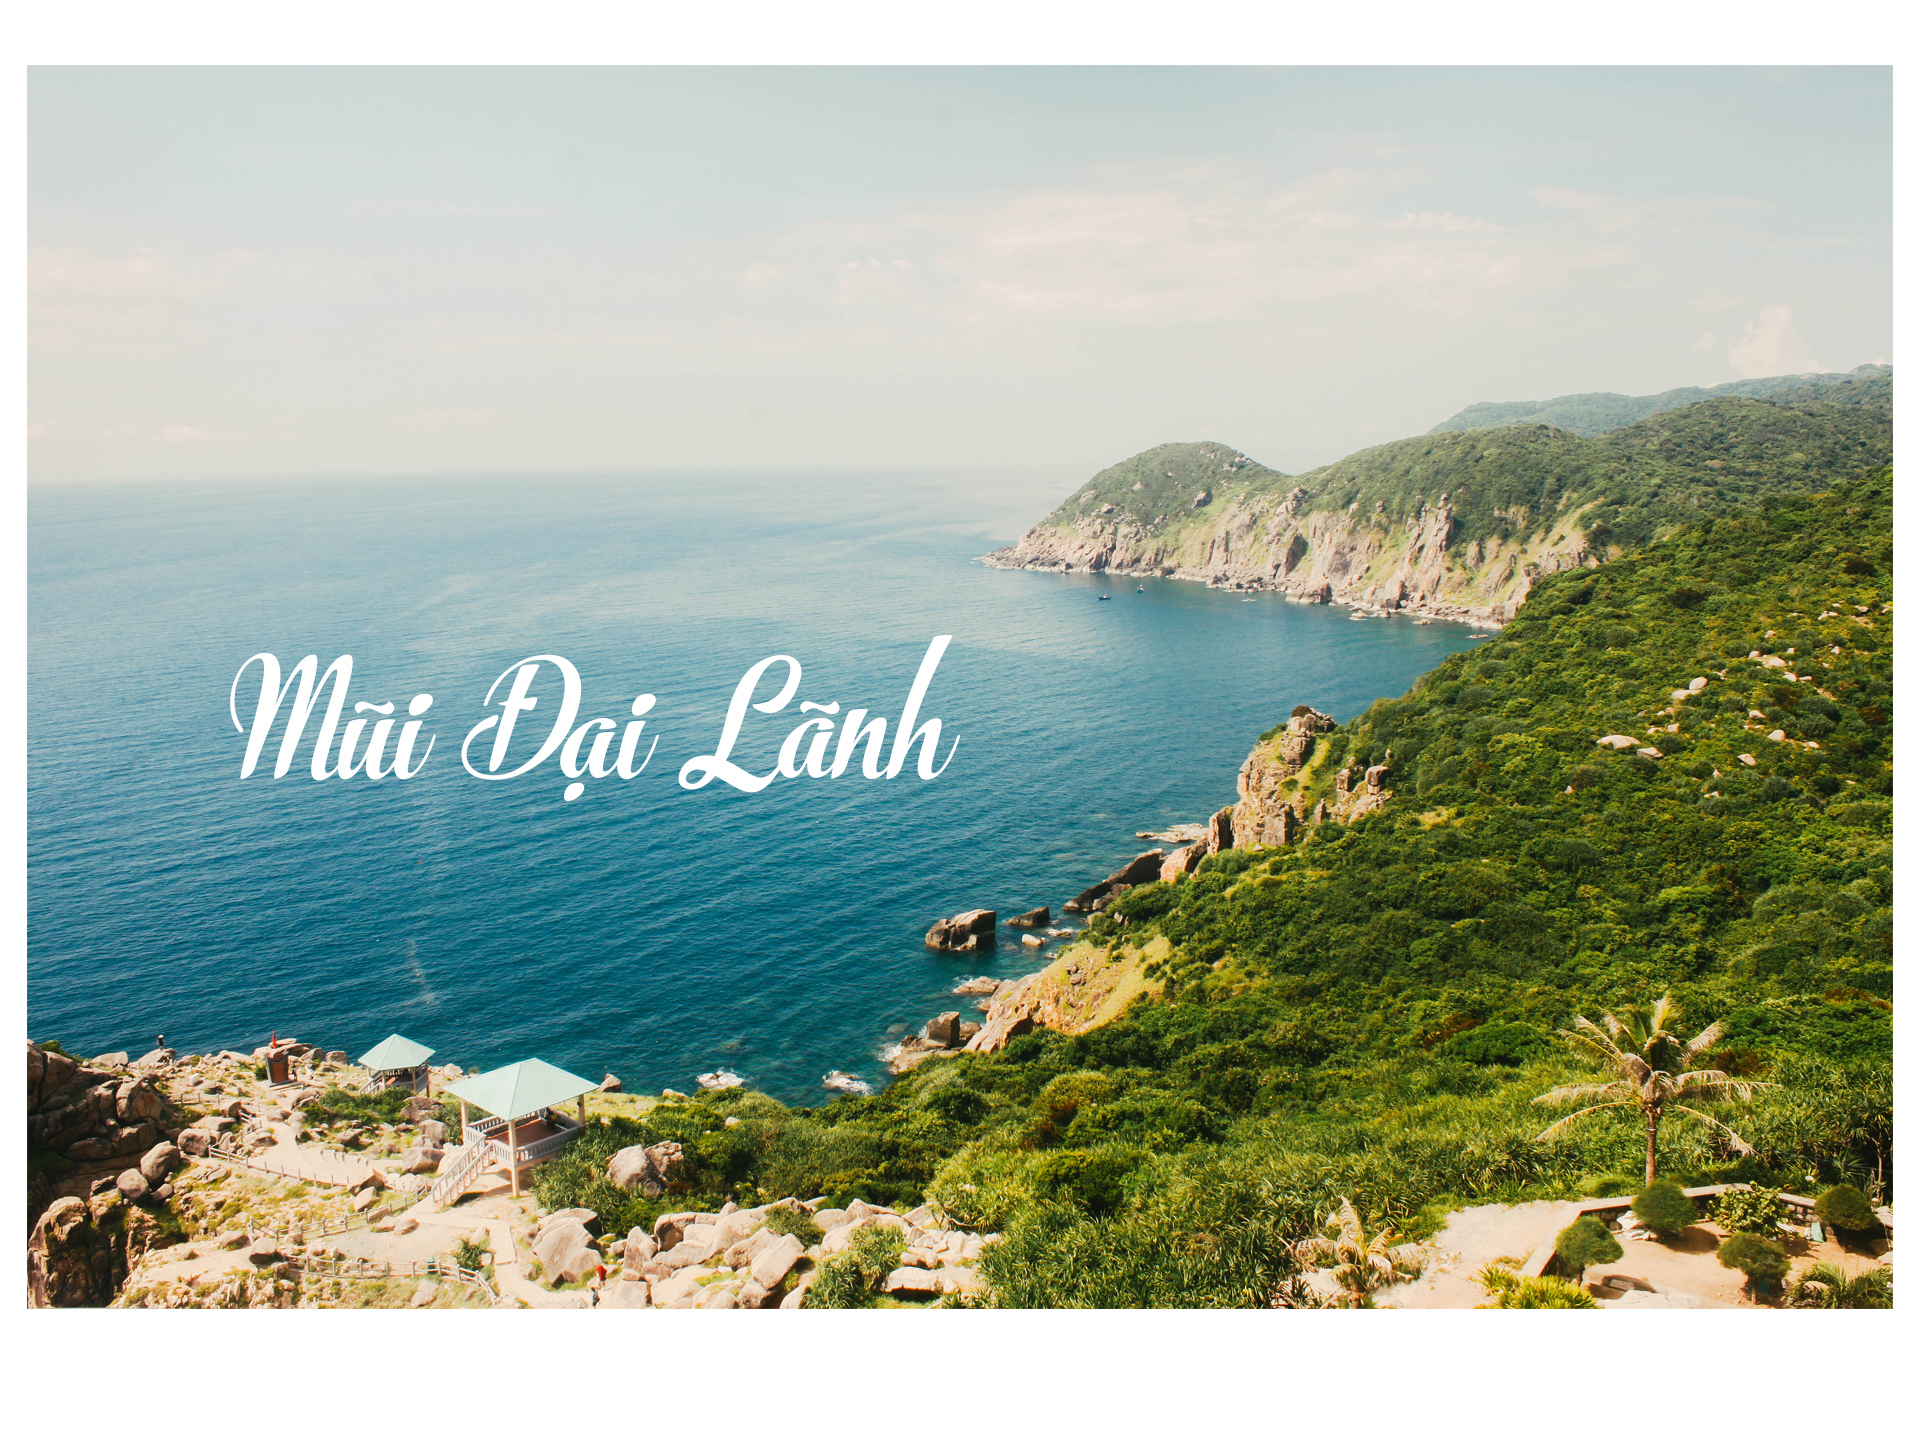 Những điểm đến nổi bật ở Phú Yên thu hút du khách Tây - 4